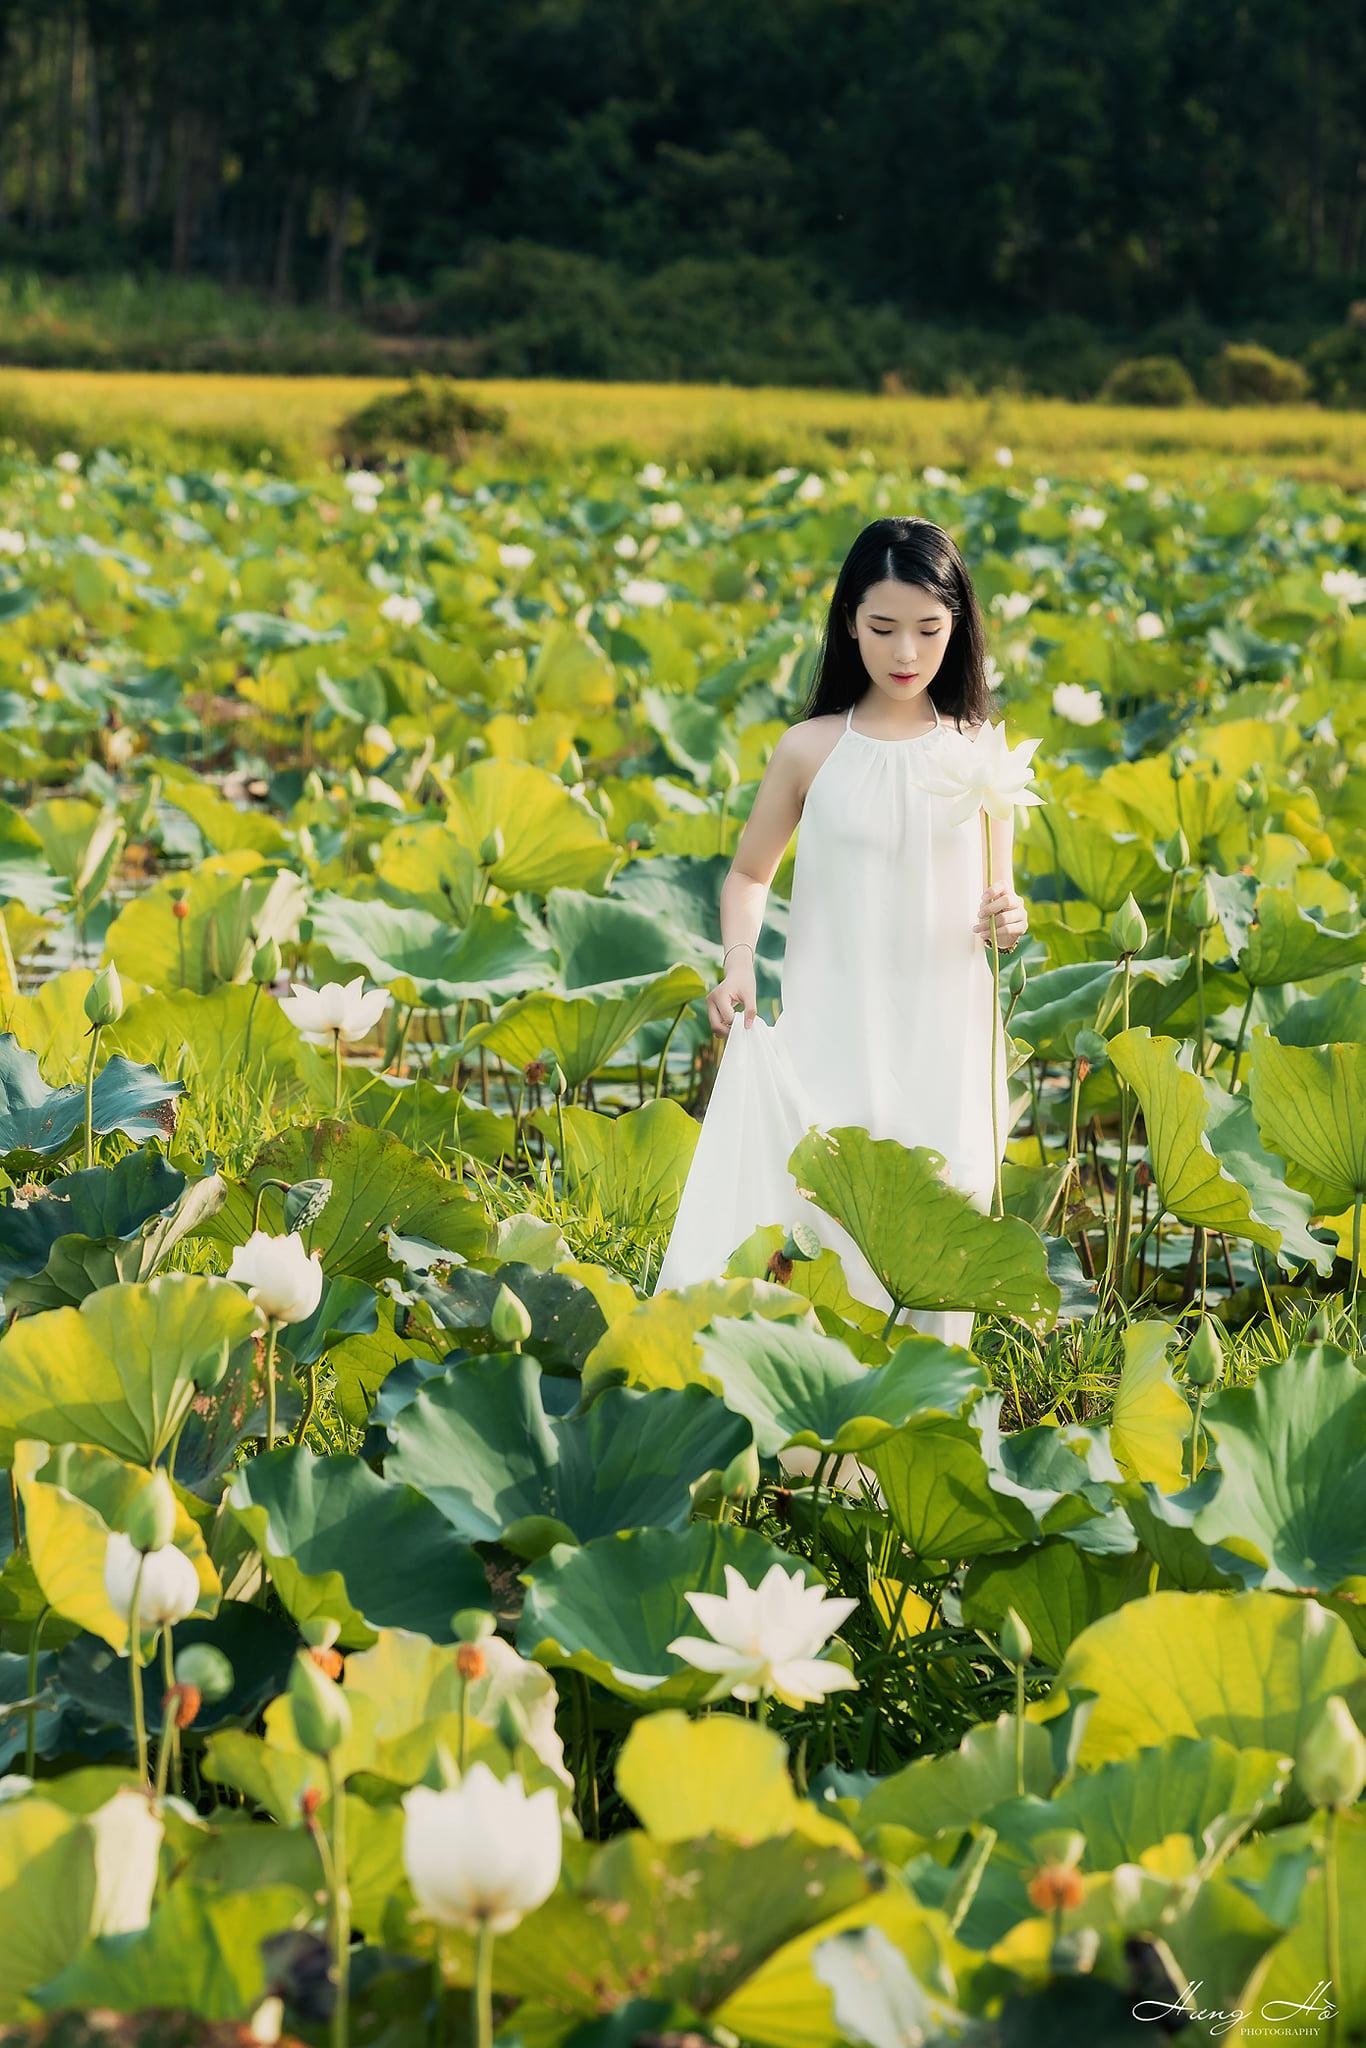 Hoa sen trắng. Hình: Hưng Hồ